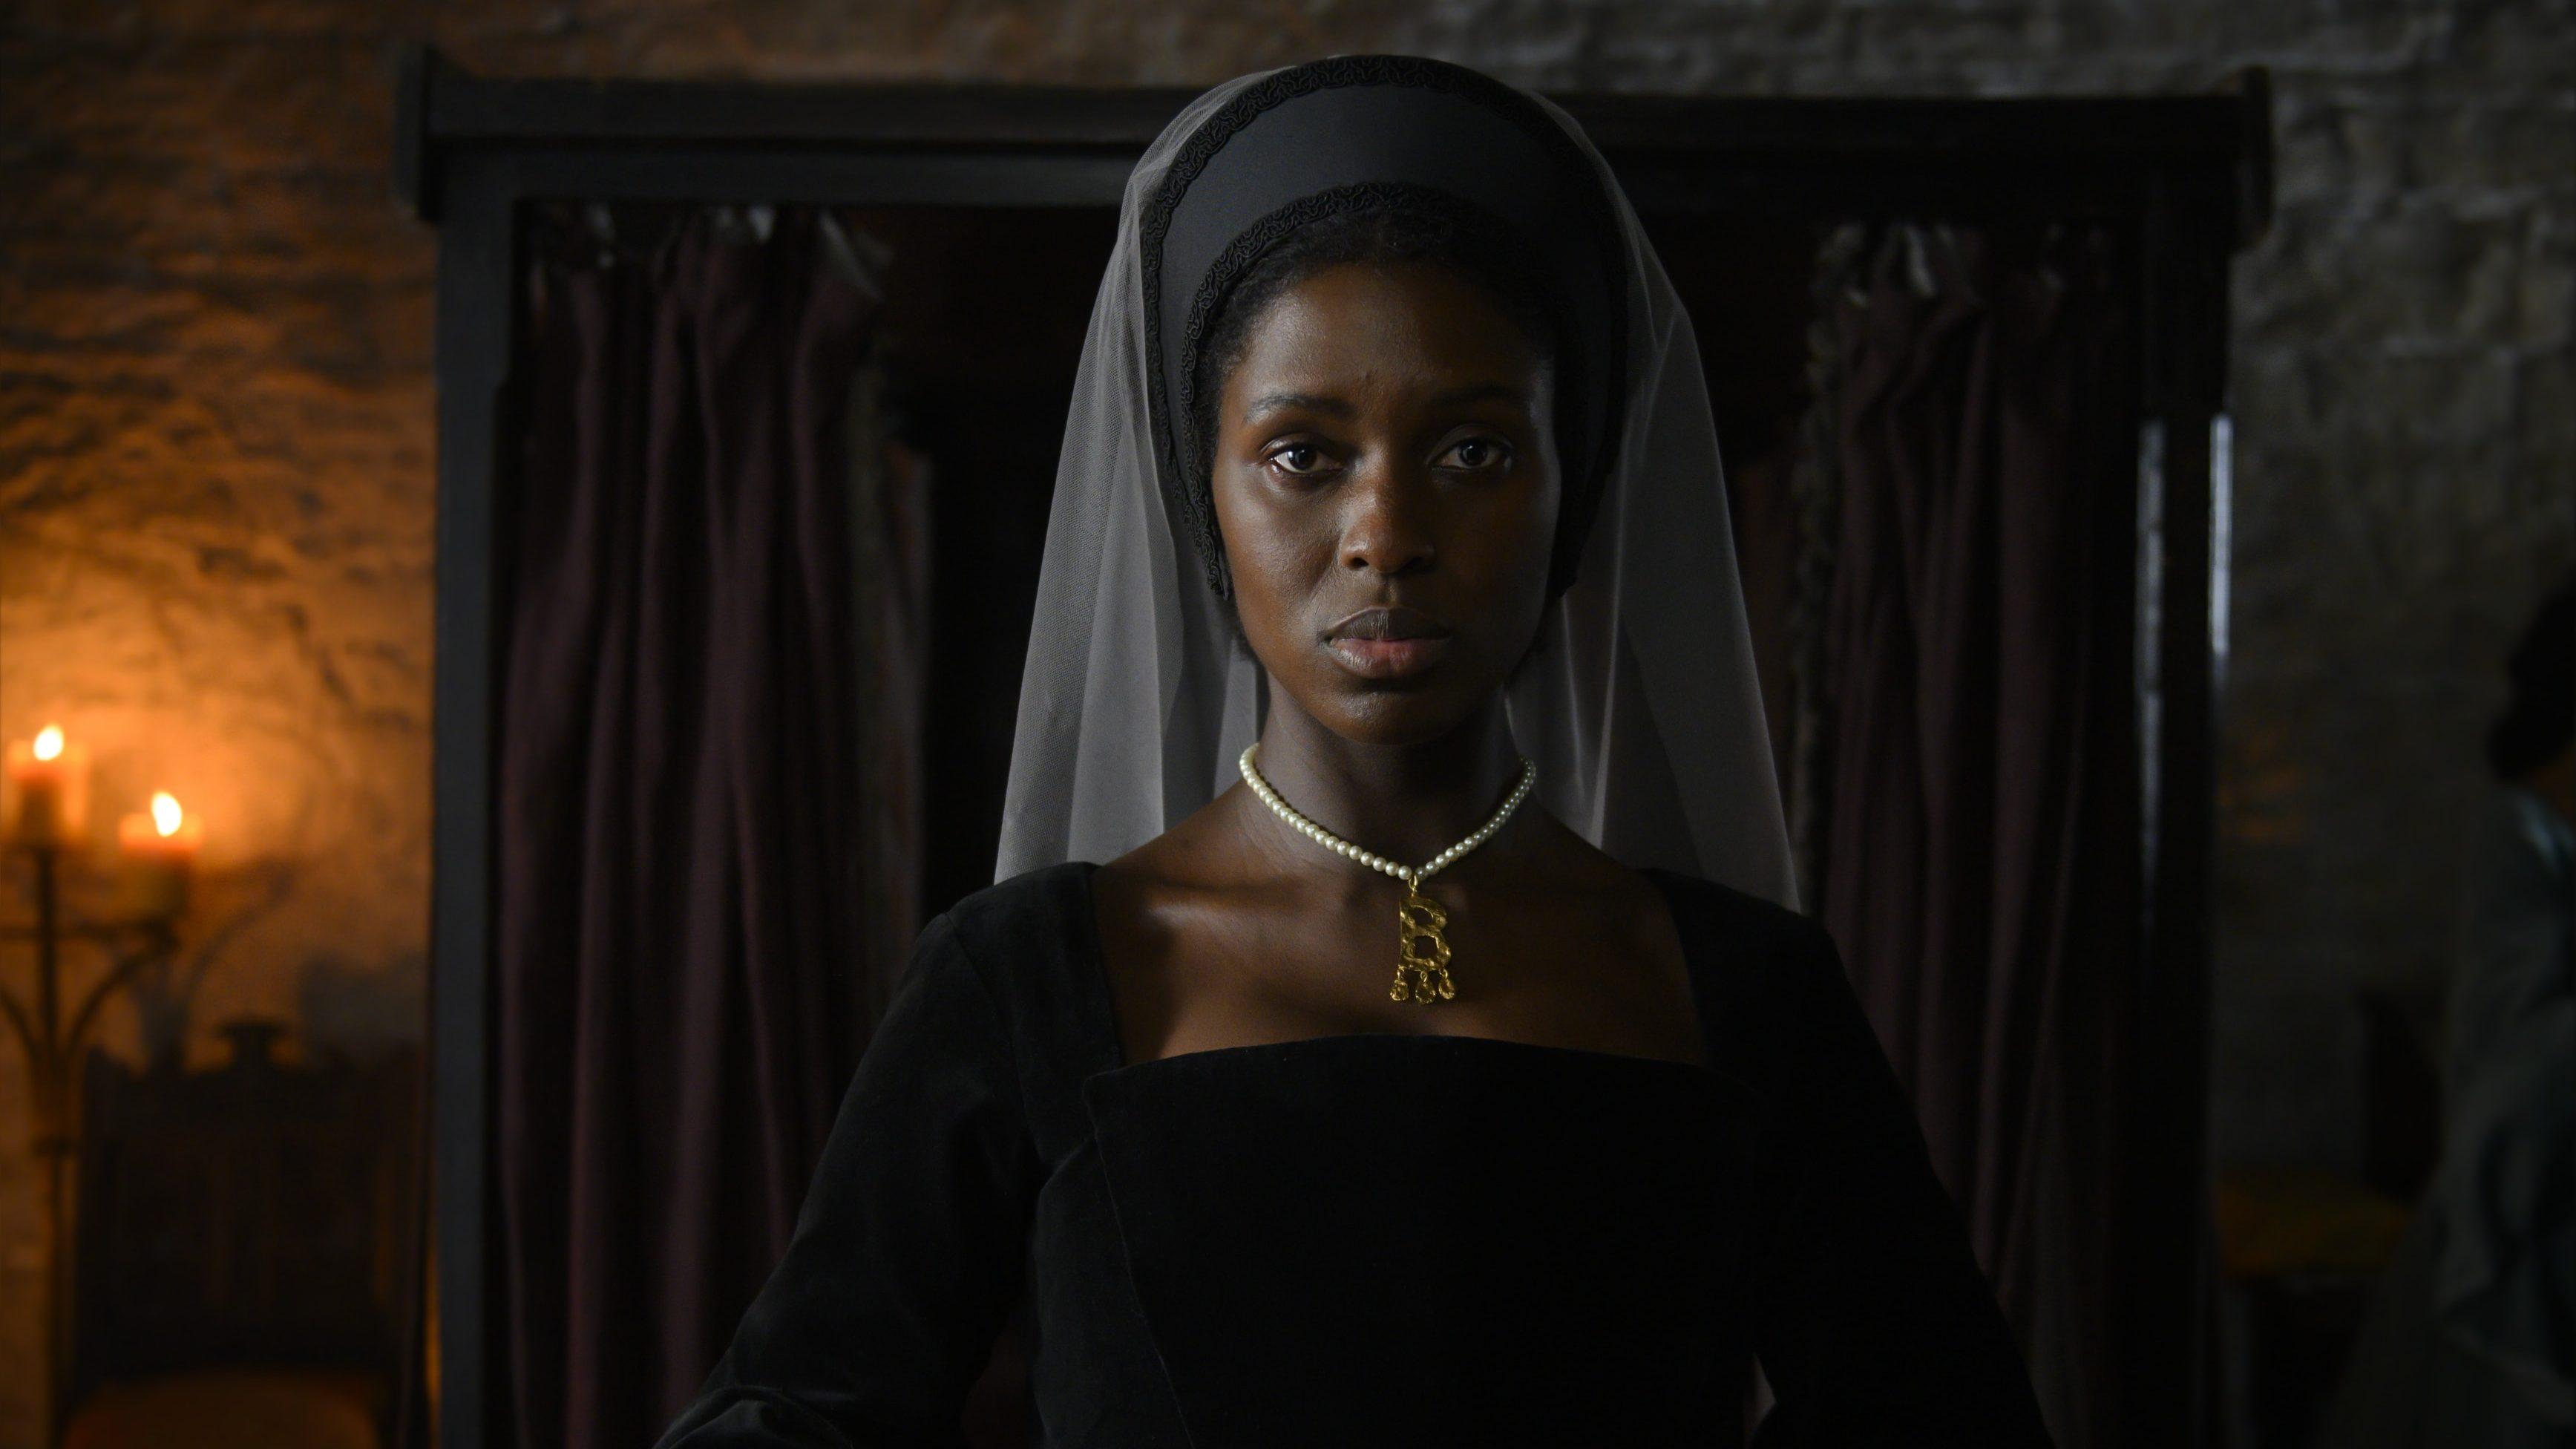 Anne-Boleyn-played-by-Jodie-Turner-Smith